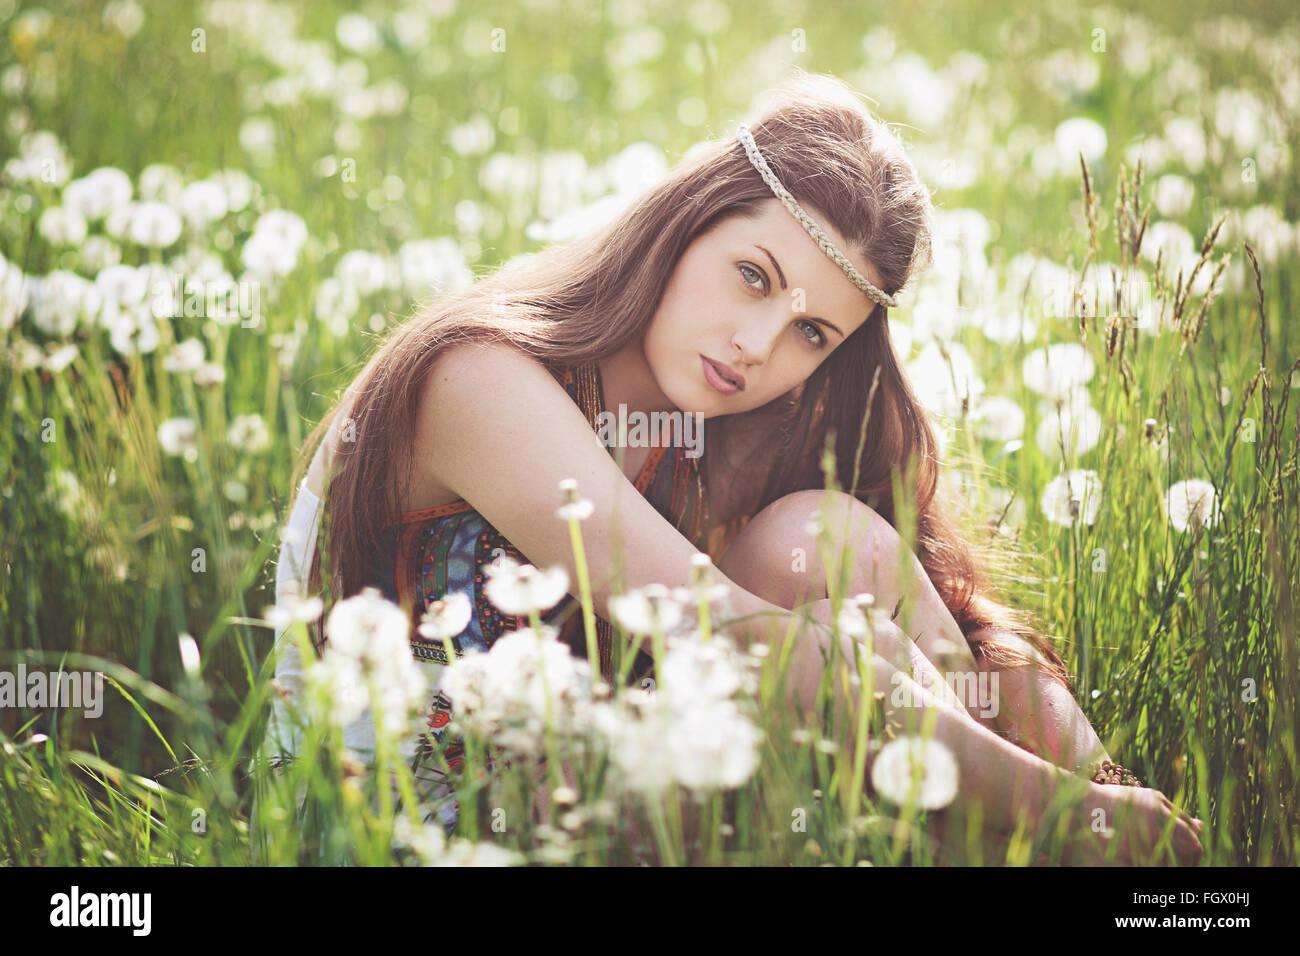 Linda menina livre em uma flor meadow. Retrato de verão Imagens de Stock